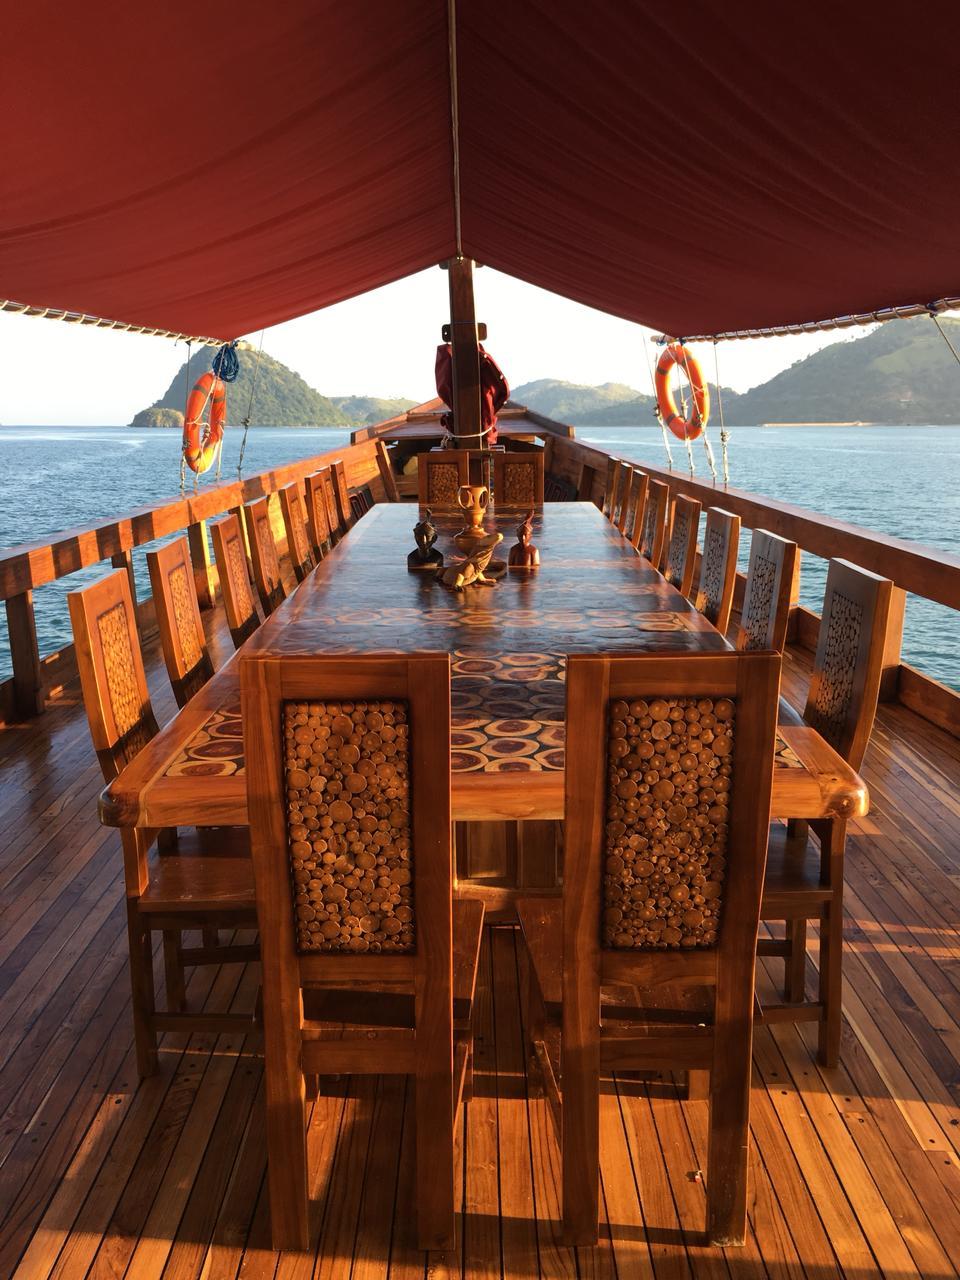 rental phinisi di labuan bajo, sewa kapal phinisi flores, open trip phinisi, phinisi boat labuan bajo, phinisi boat charter komodo, sailing komodo luxury, trip phinisi 2018.